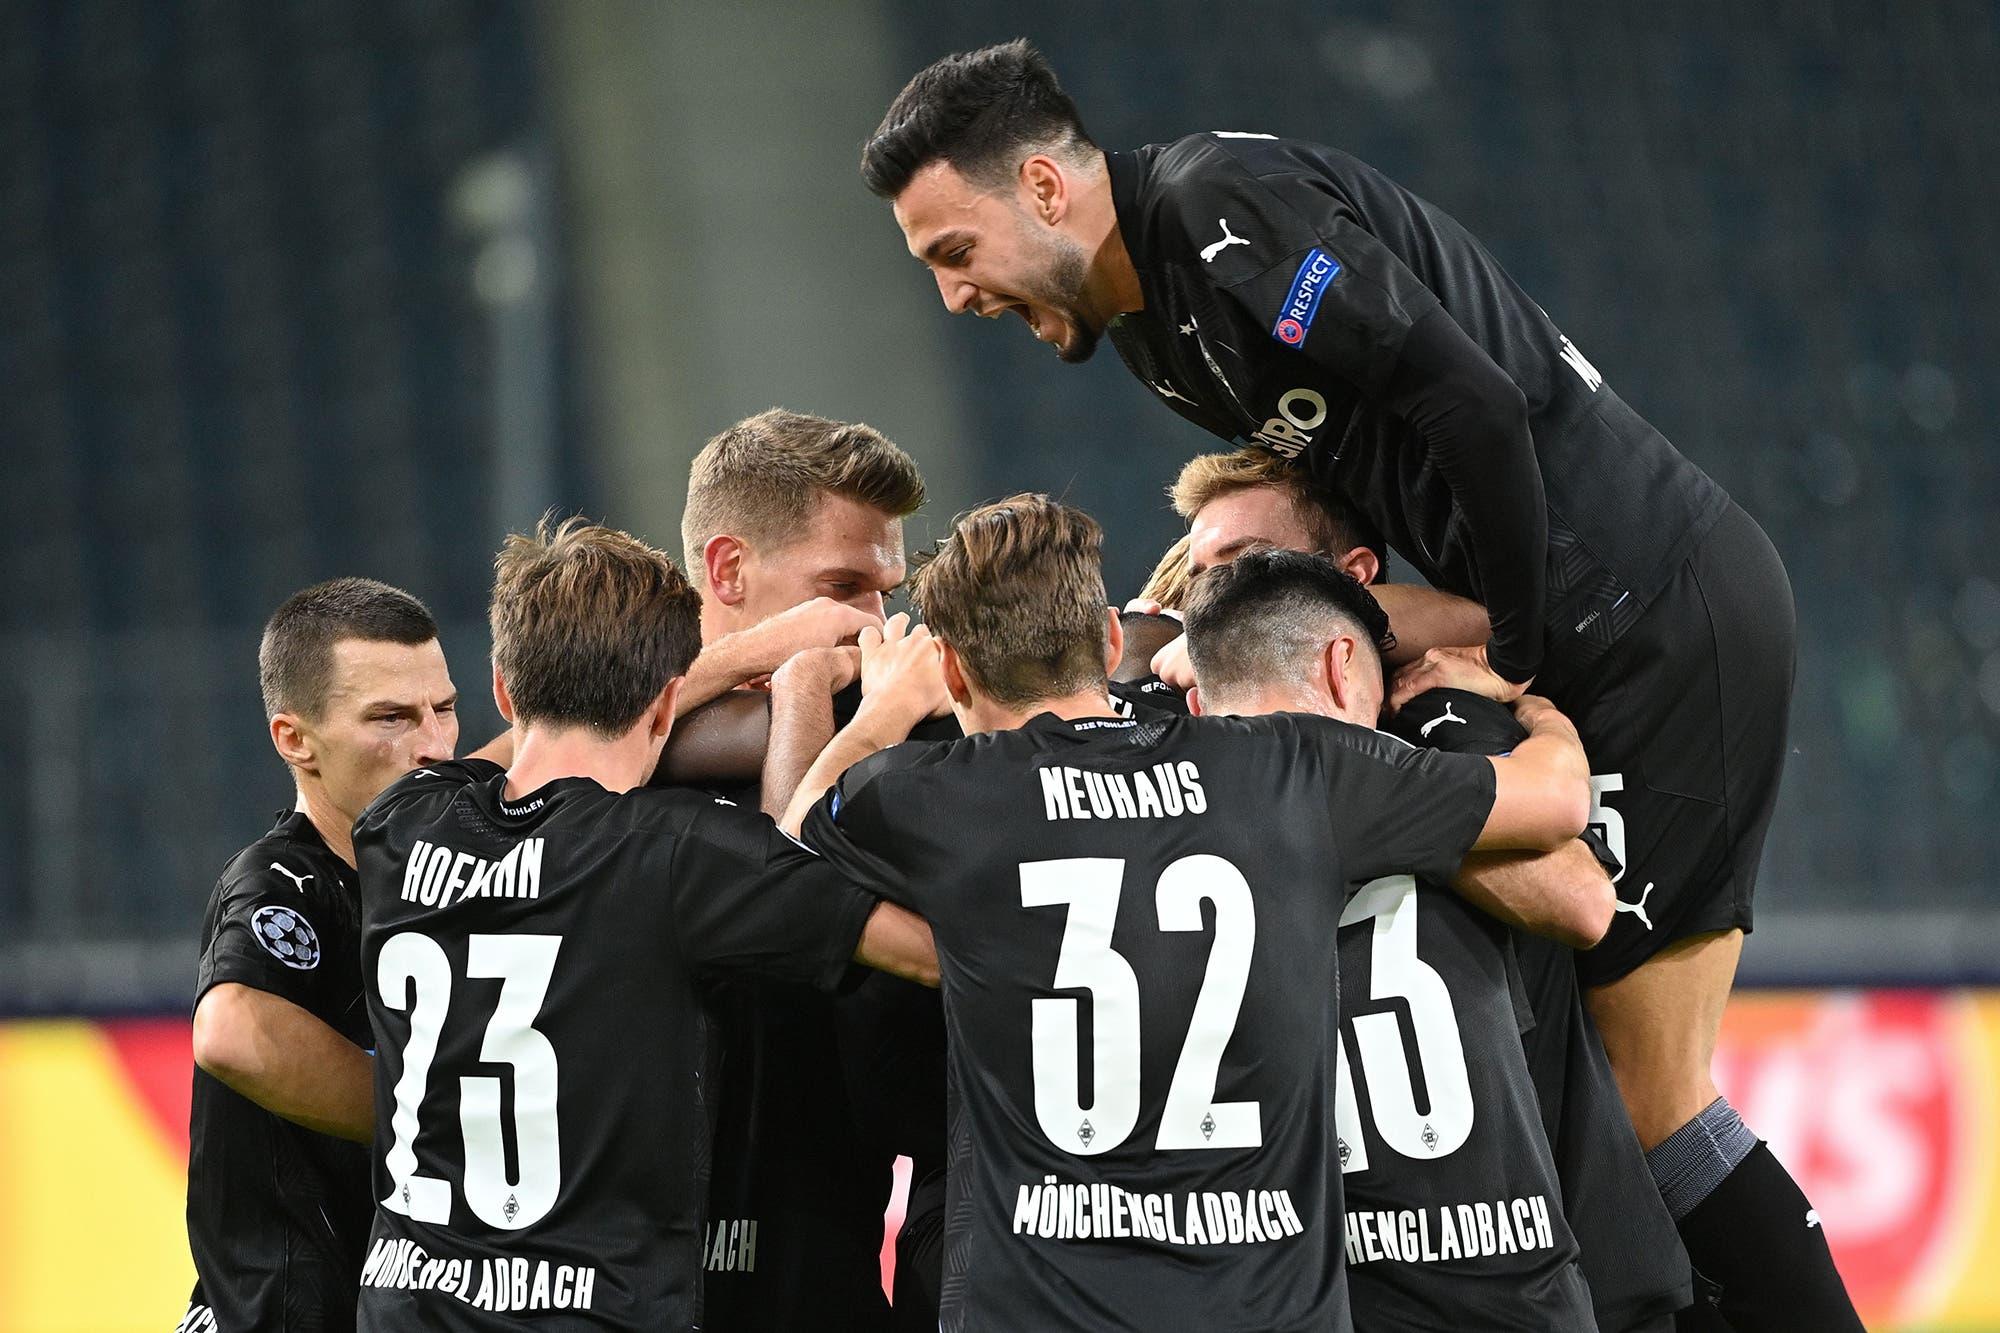 Borussia Mönchengladbach-Real Madrid, por la Champions League: los españoles pierden en Alemania y complican su futuro en la competición